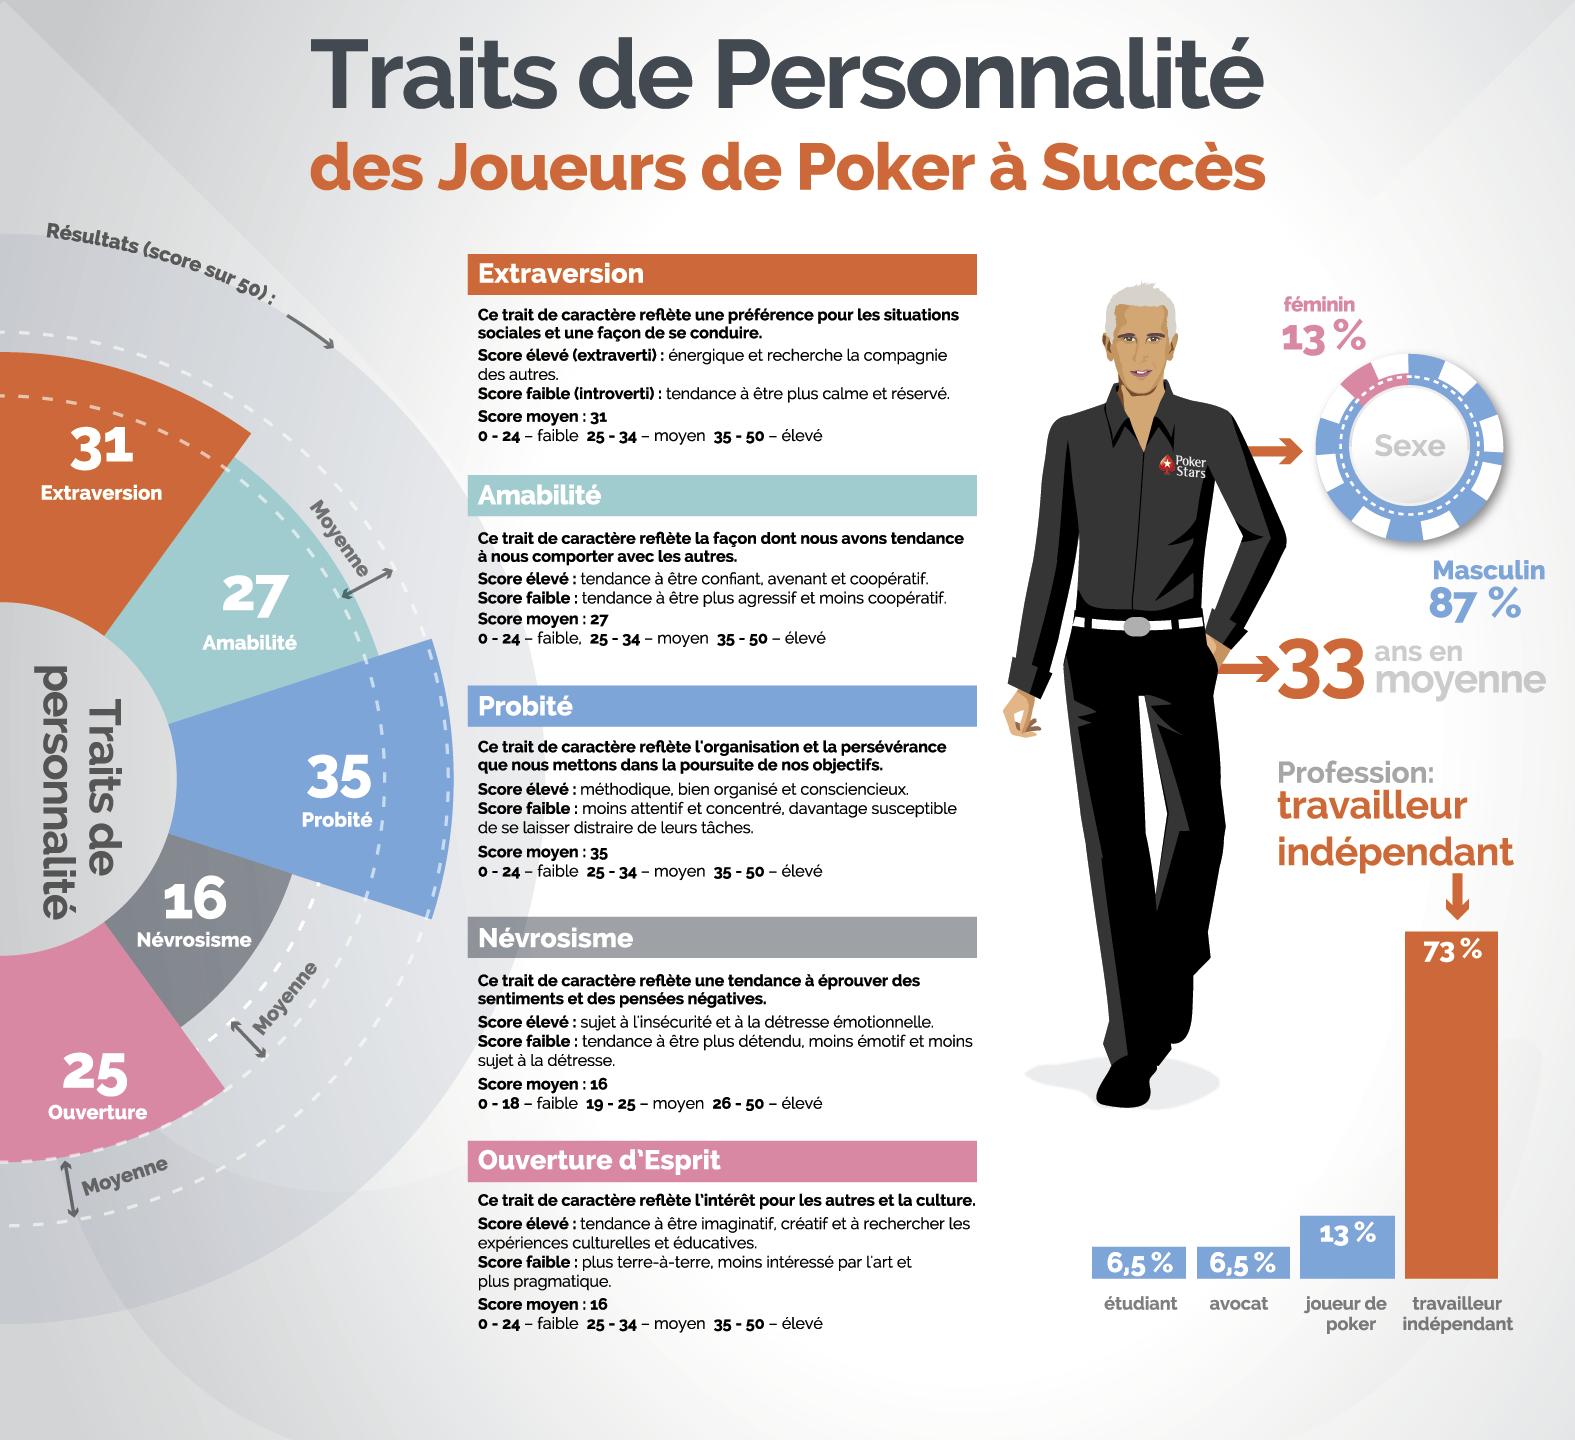 Bertrand ElkY Grospellier - Traits de personnalité des joueurs à succès